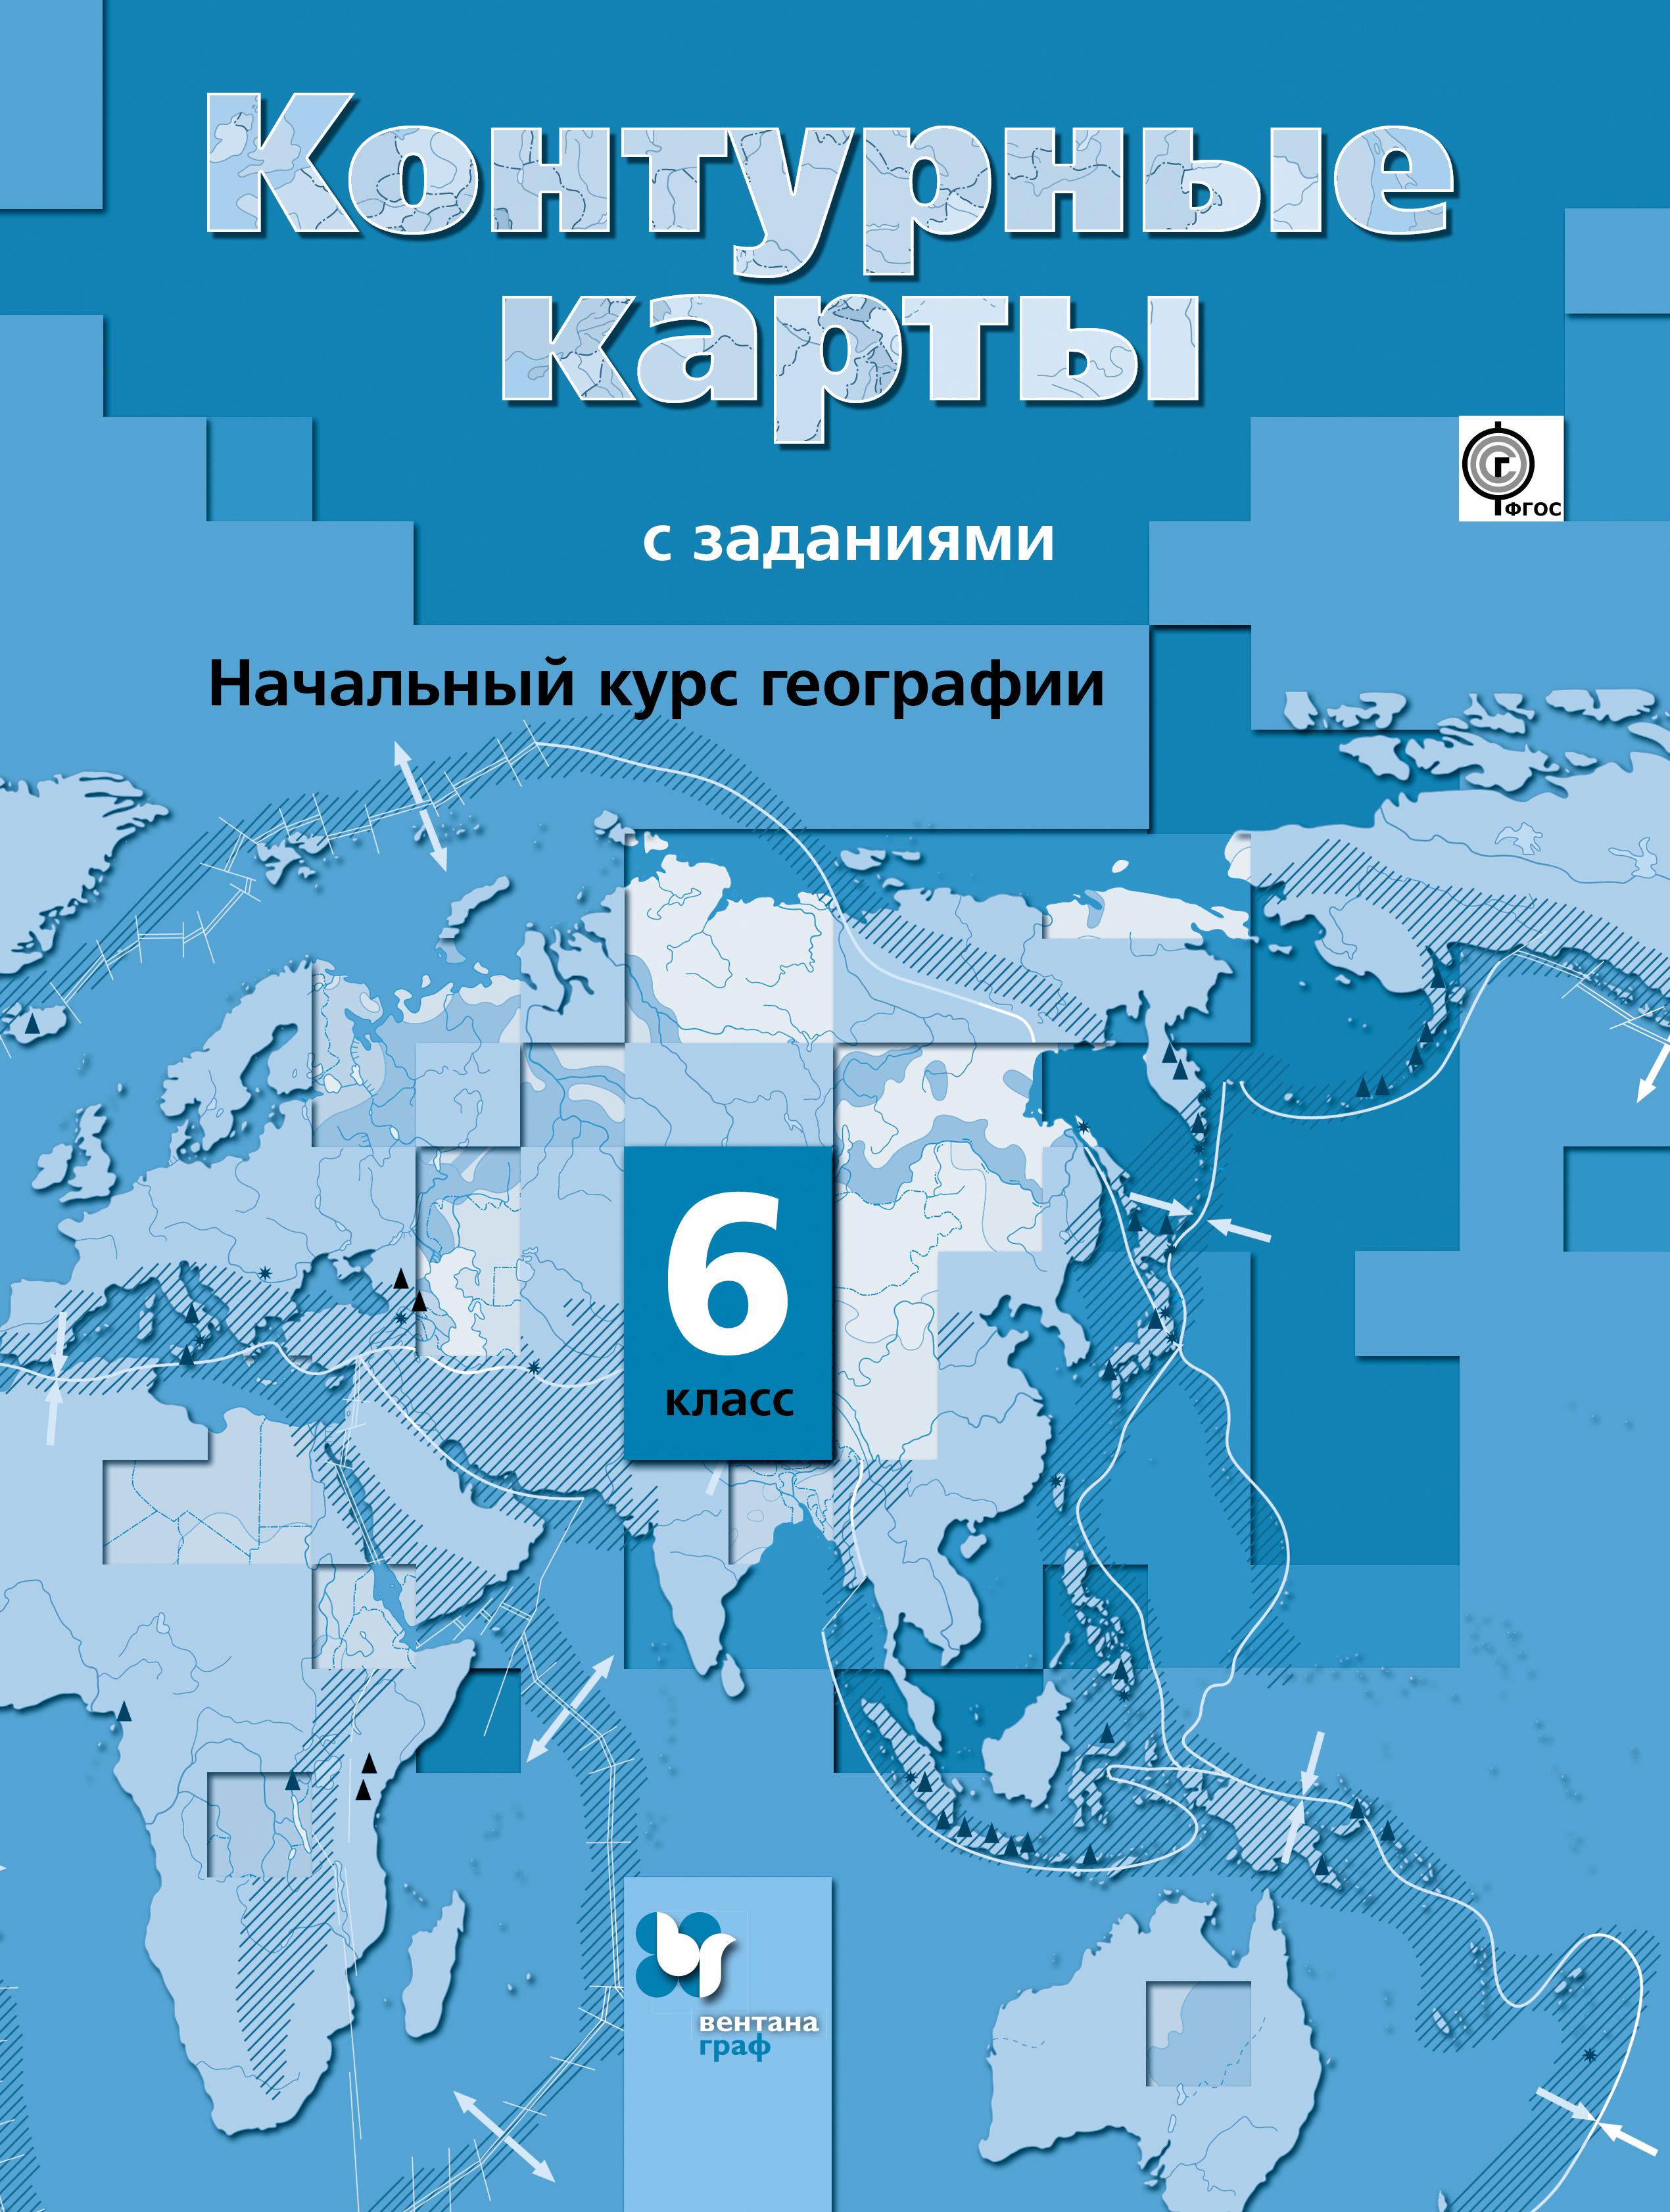 Начальный курс географии. 6 класс. Контурные карты.